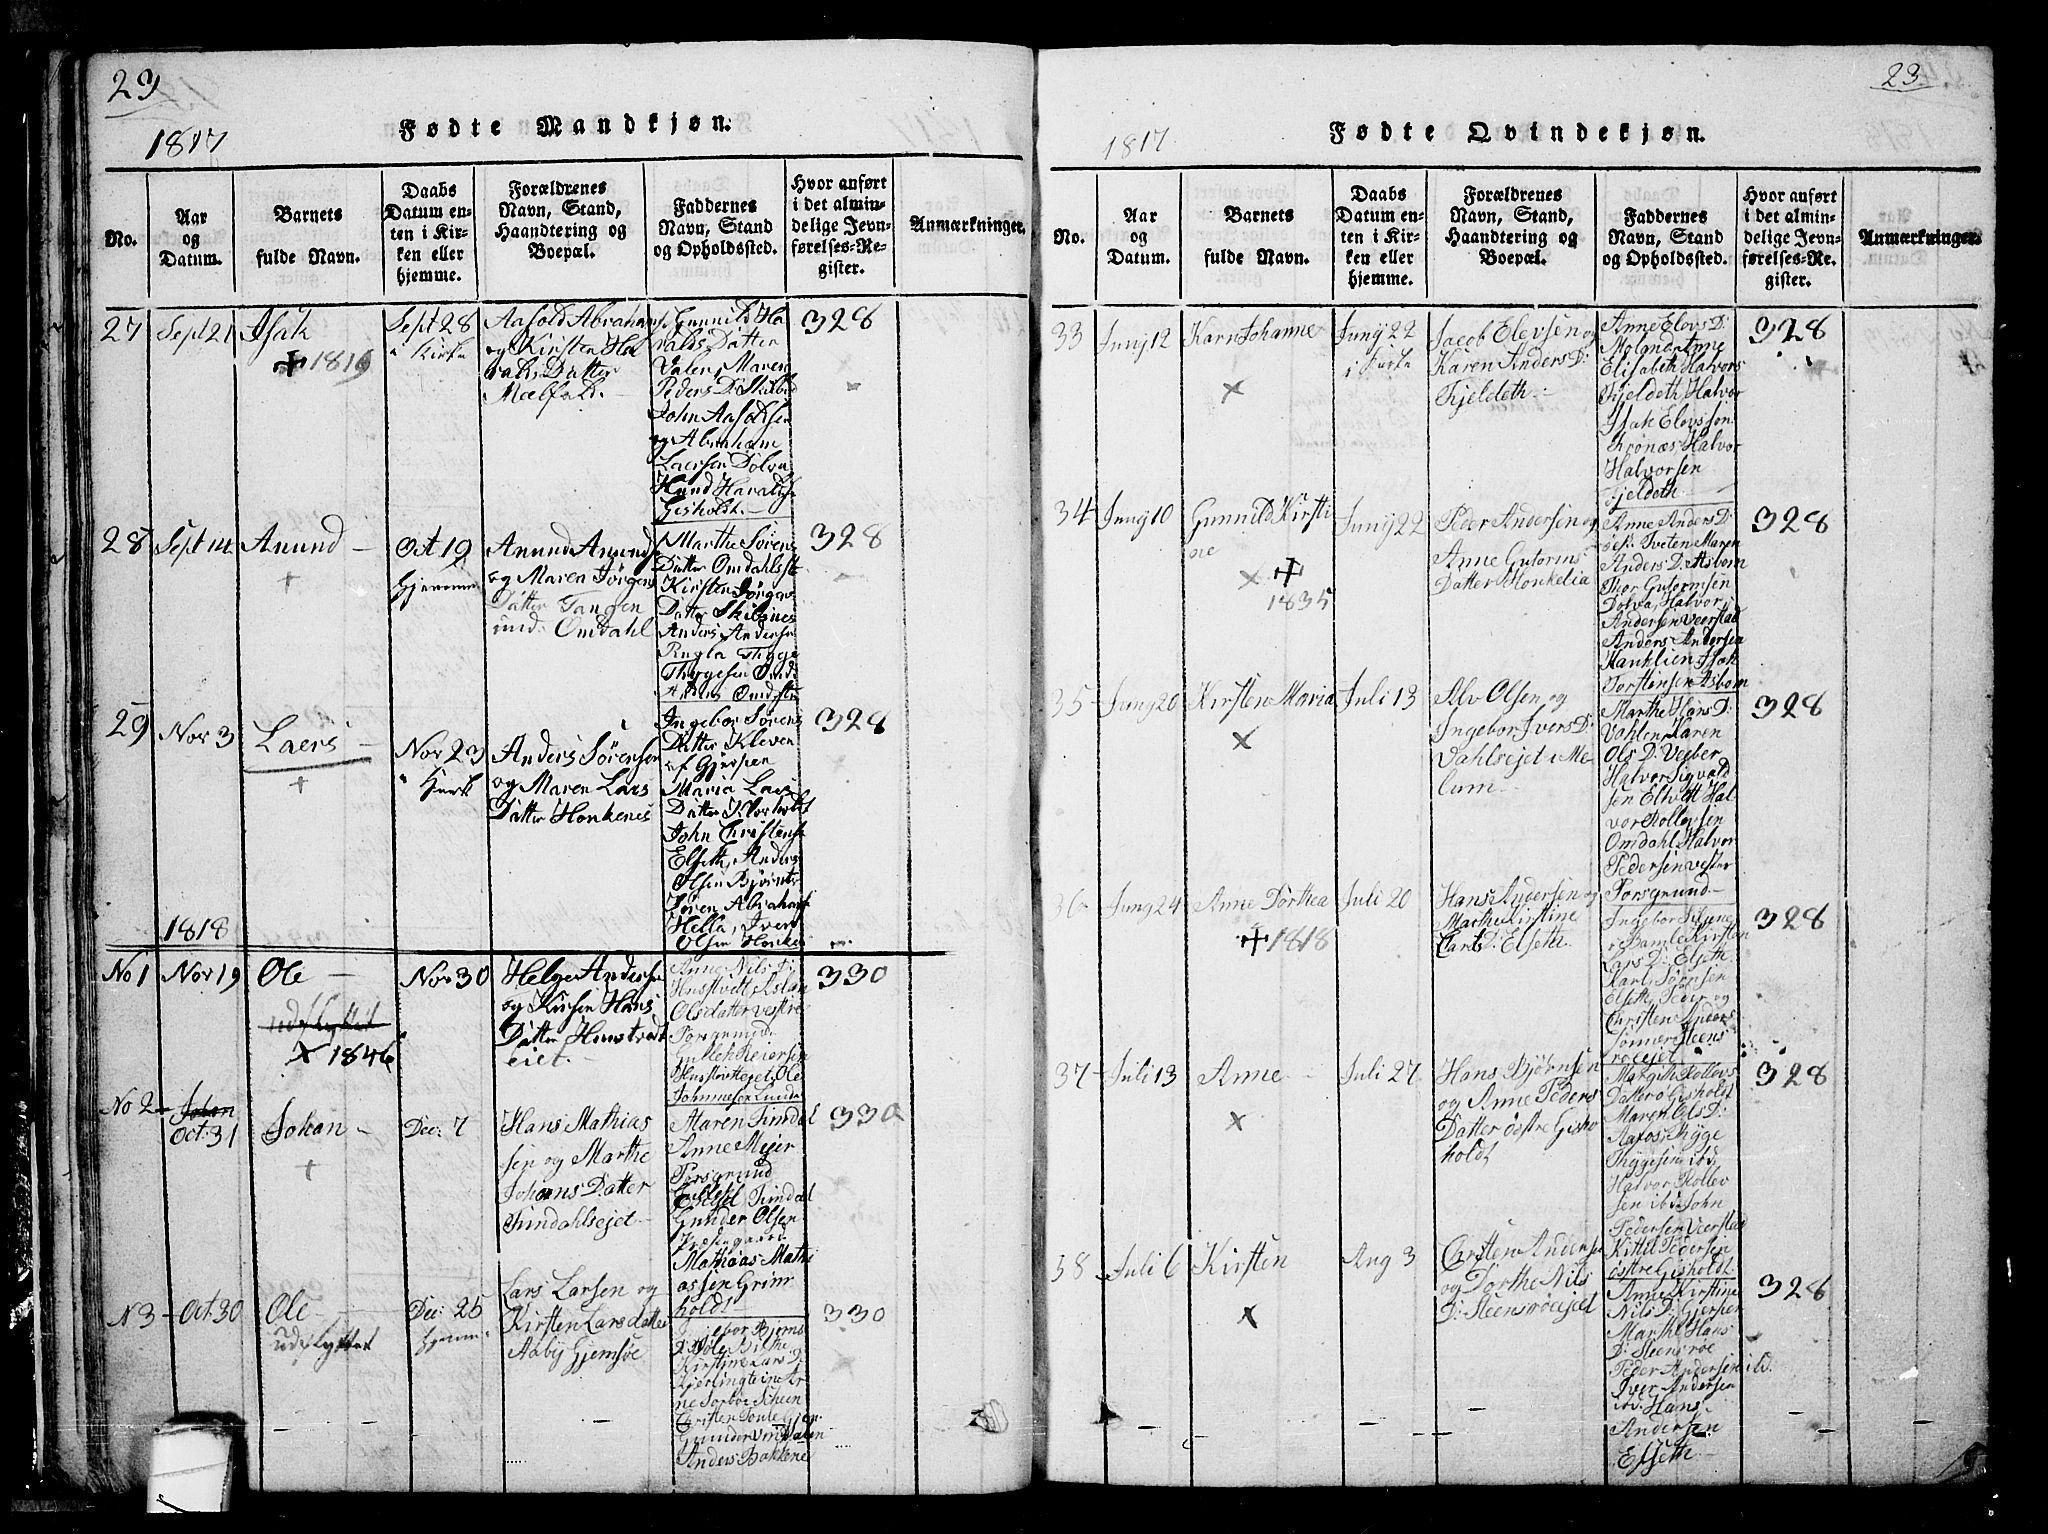 SAKO, Solum kirkebøker, G/Ga/L0001: Klokkerbok nr. I 1, 1814-1833, s. 23